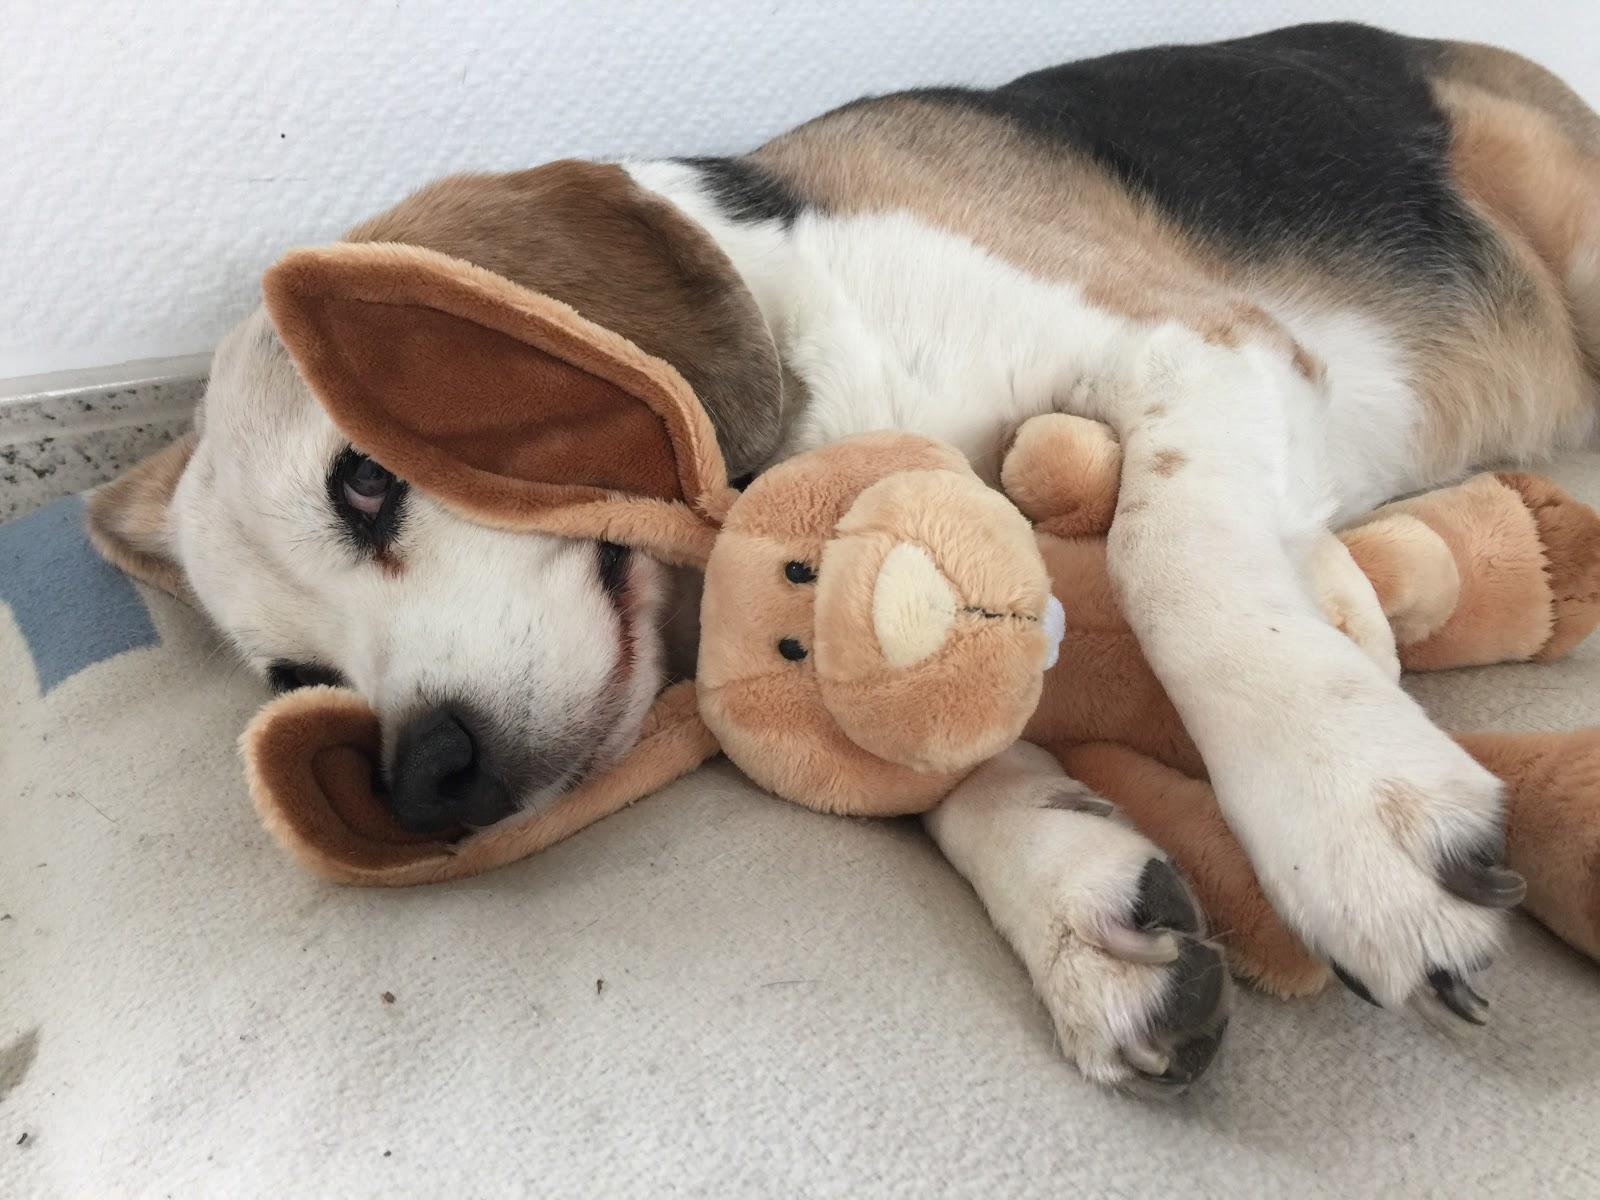 beagle tibi 39 s leben fotos und geschichten wie viel zeit hat der osterhase noch. Black Bedroom Furniture Sets. Home Design Ideas